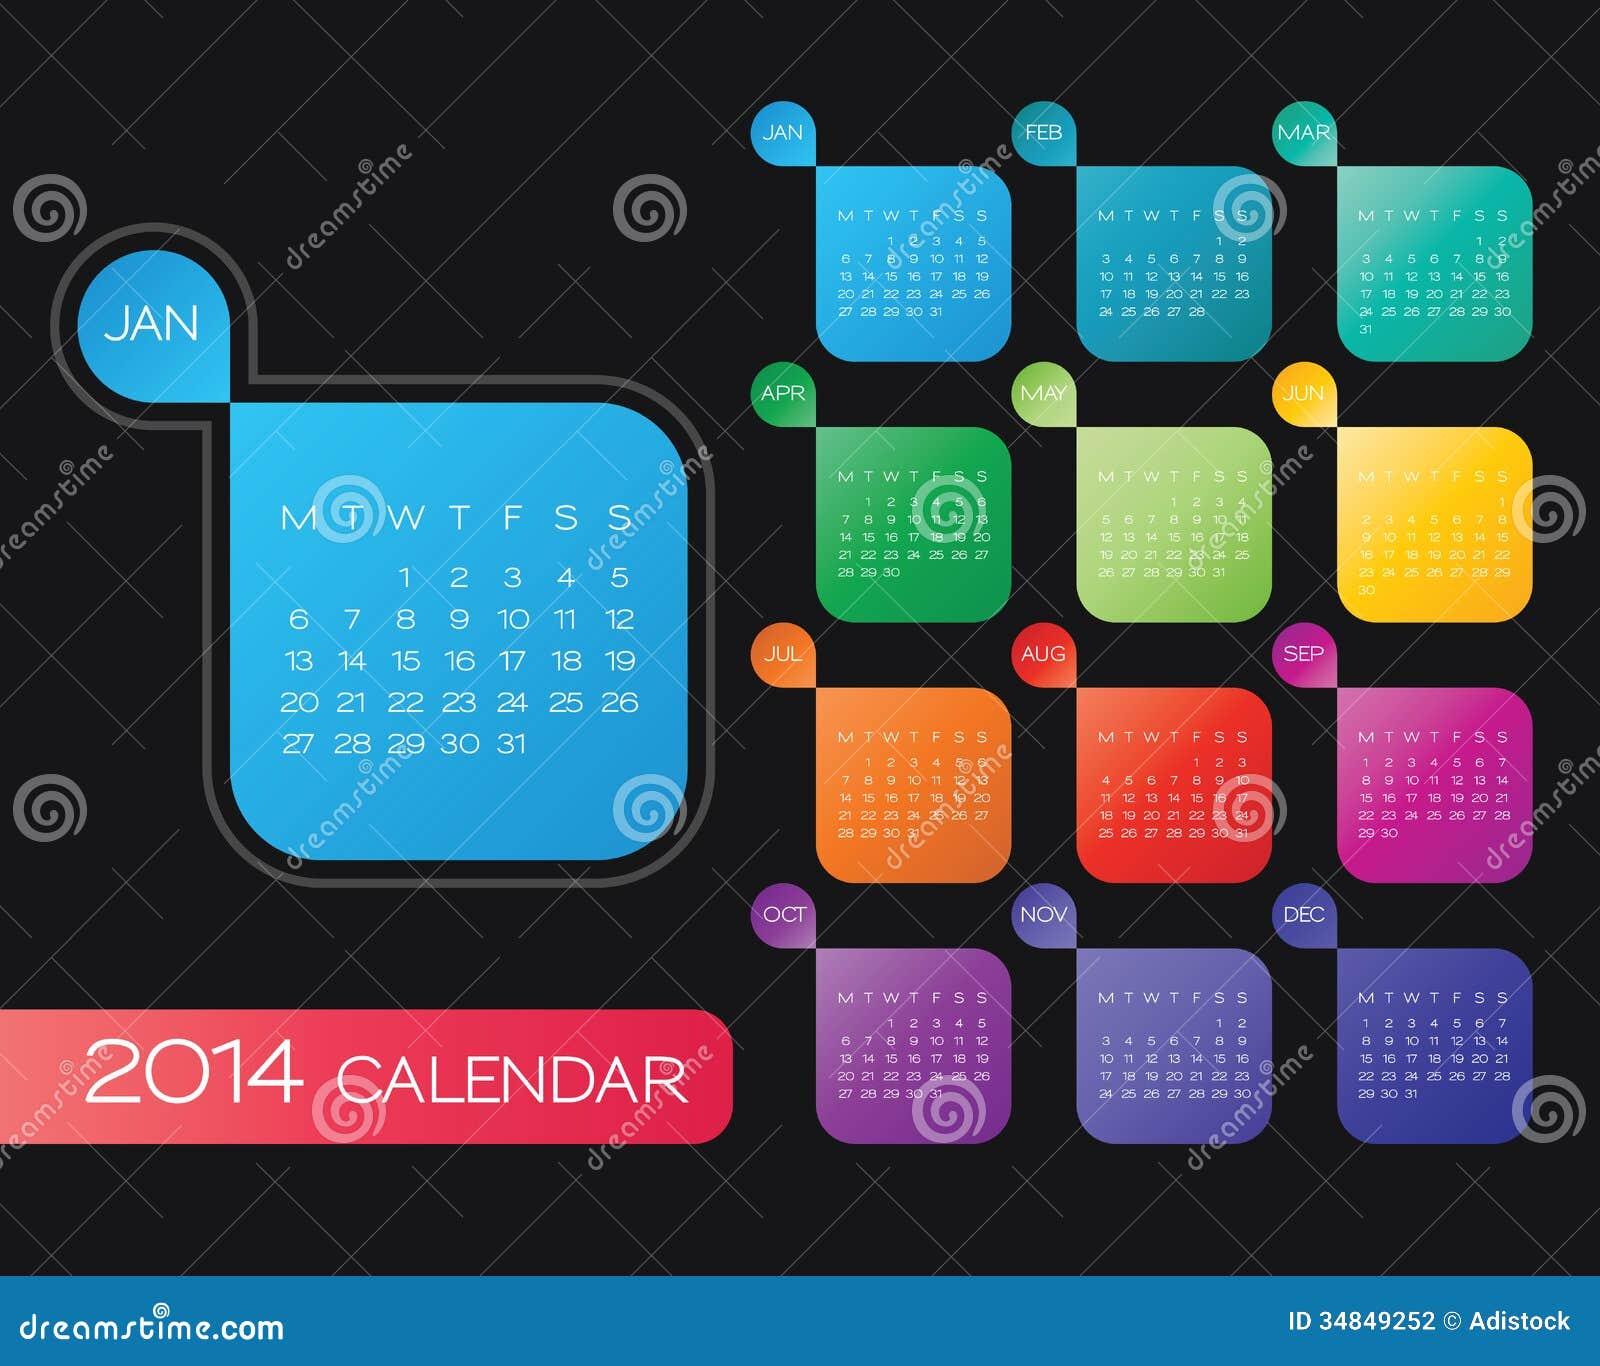 Calendar Design Eps : Calendar vector stock photography image